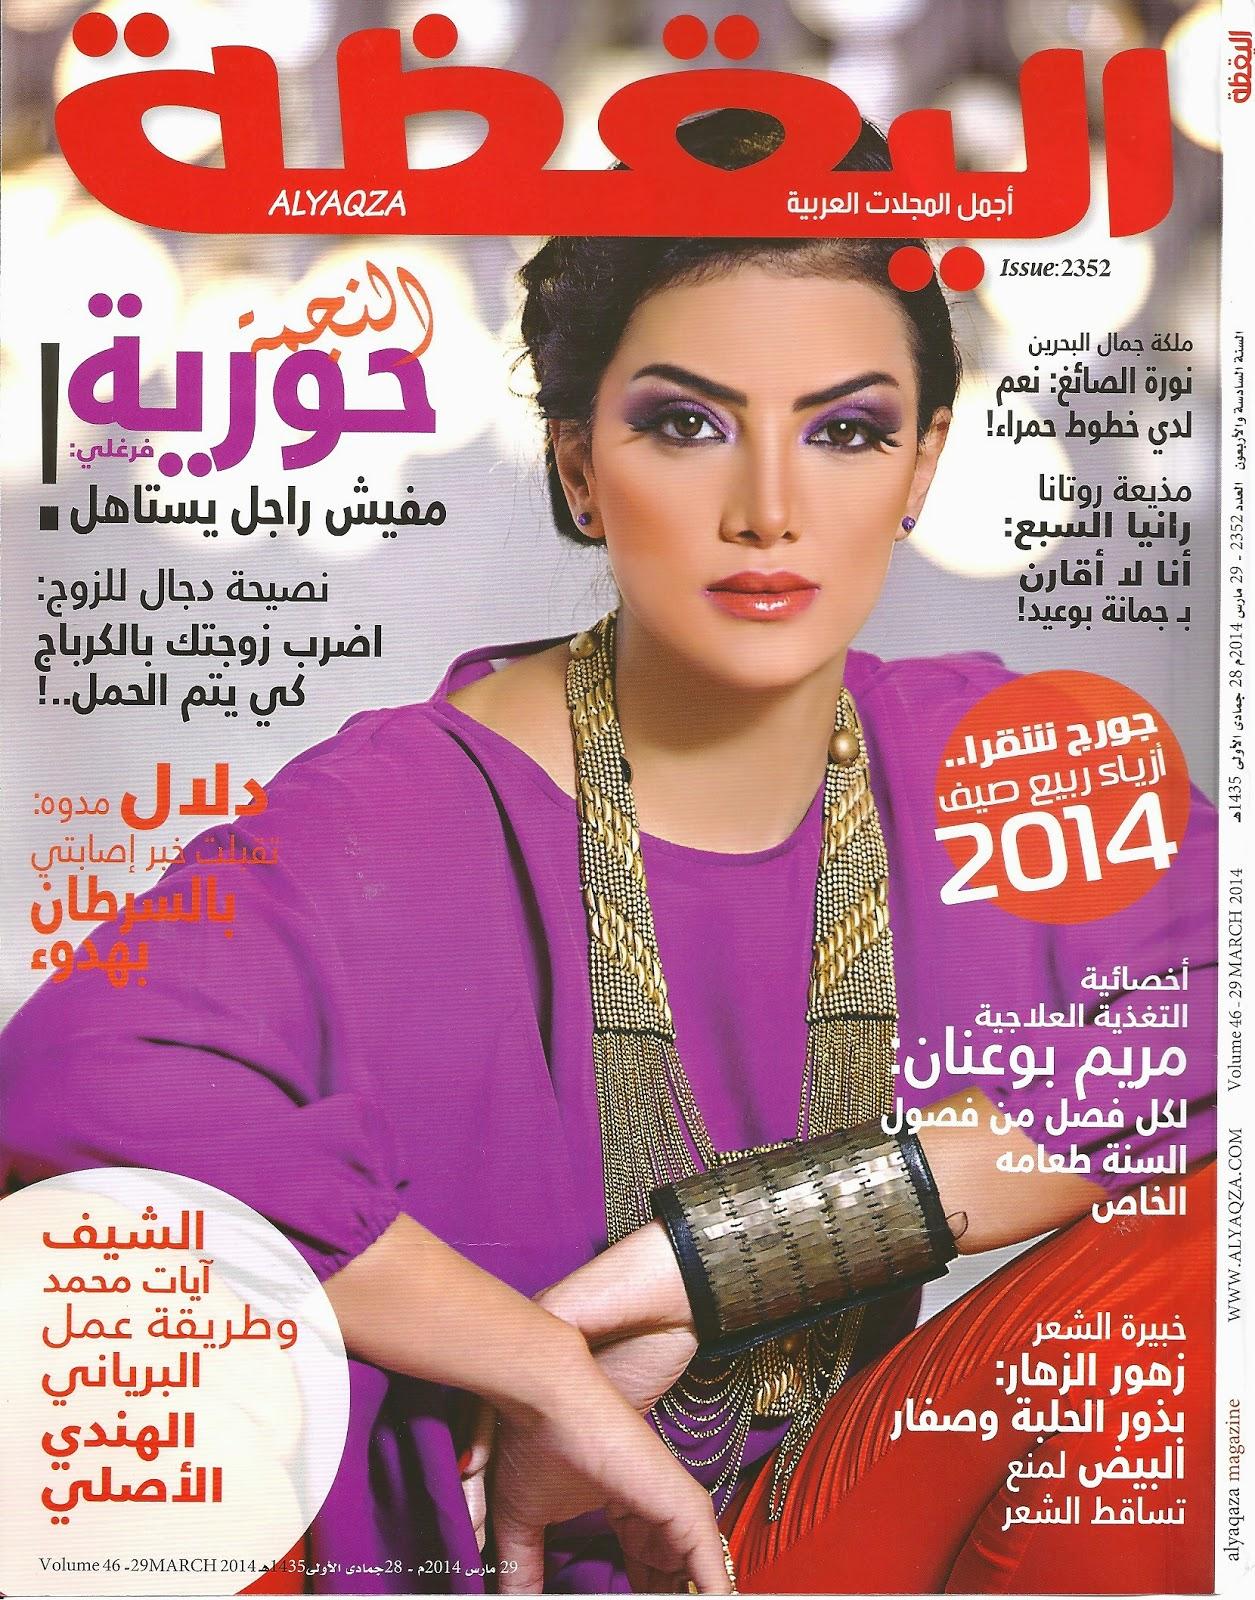 لقاء صحفي مع الكاتبة دلال عبدالرزاق مدوه في مجلة اليقظة